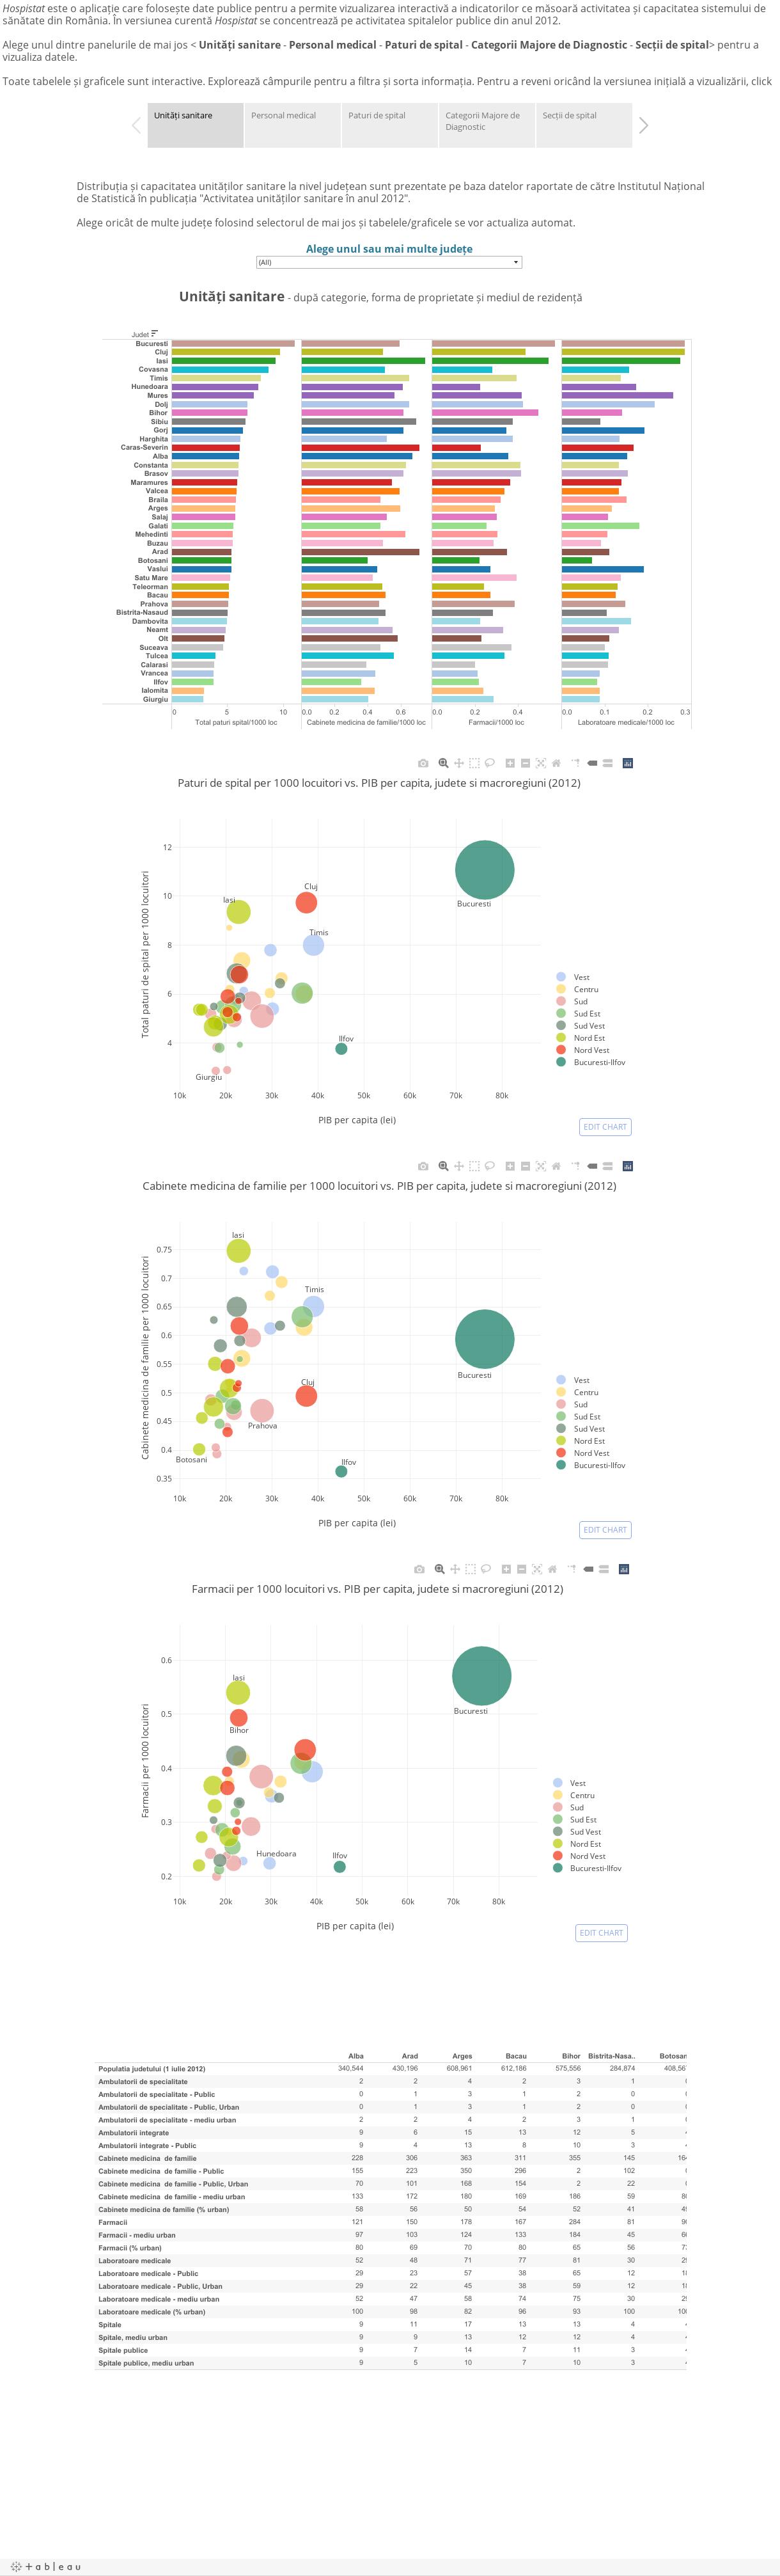 HospistatHospistat este o aplicatie care permite vizualizarea interactiva a indicatorilor care masoara activitatea unitatilor sanitare din Romania folosind date publice. In versiunea curenta Hospistat se concentreaza pe activitatea spitalelor publice di